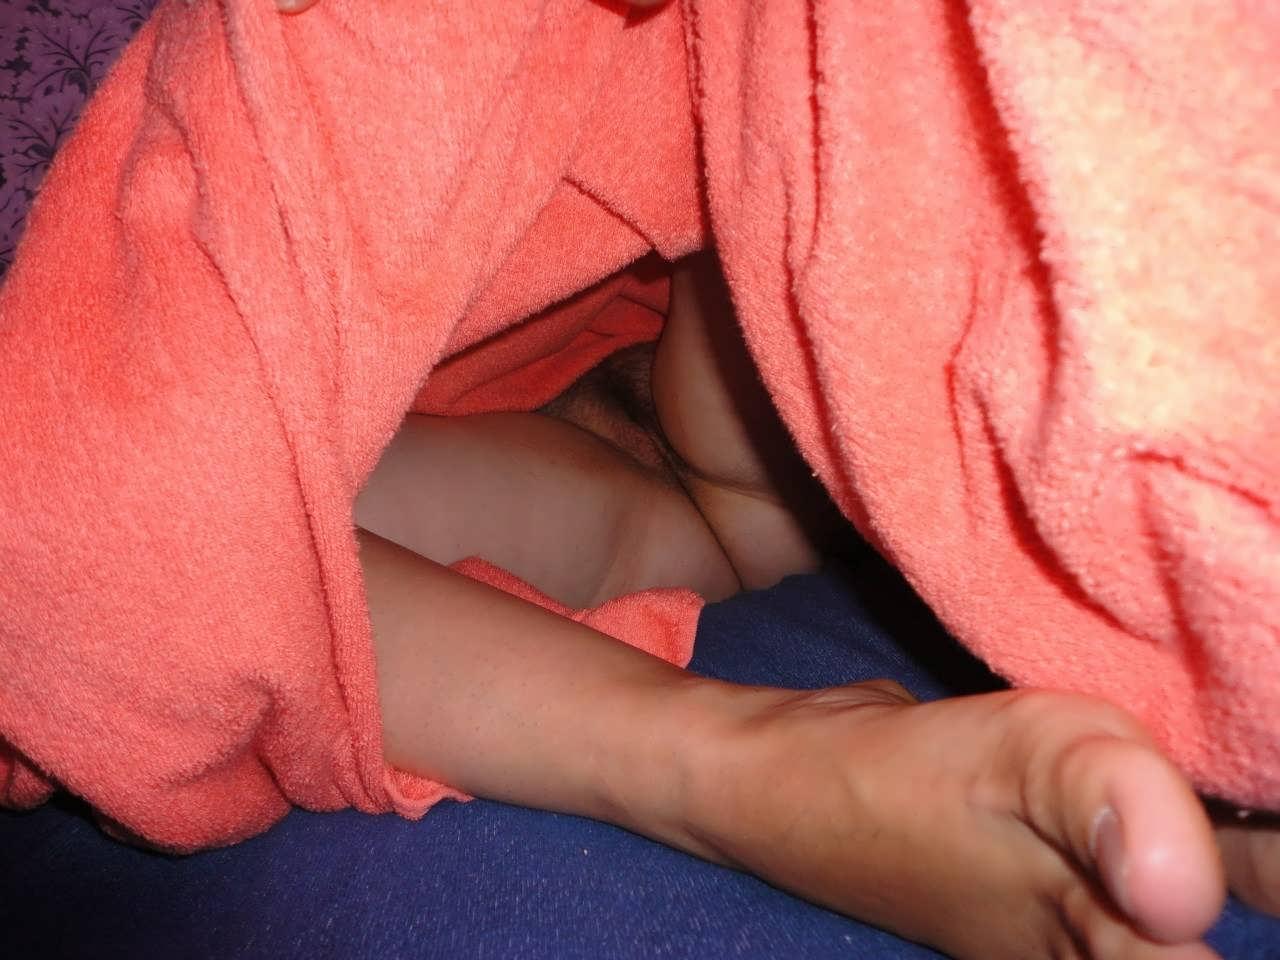 Спящая жена под одеялом 10 фотография